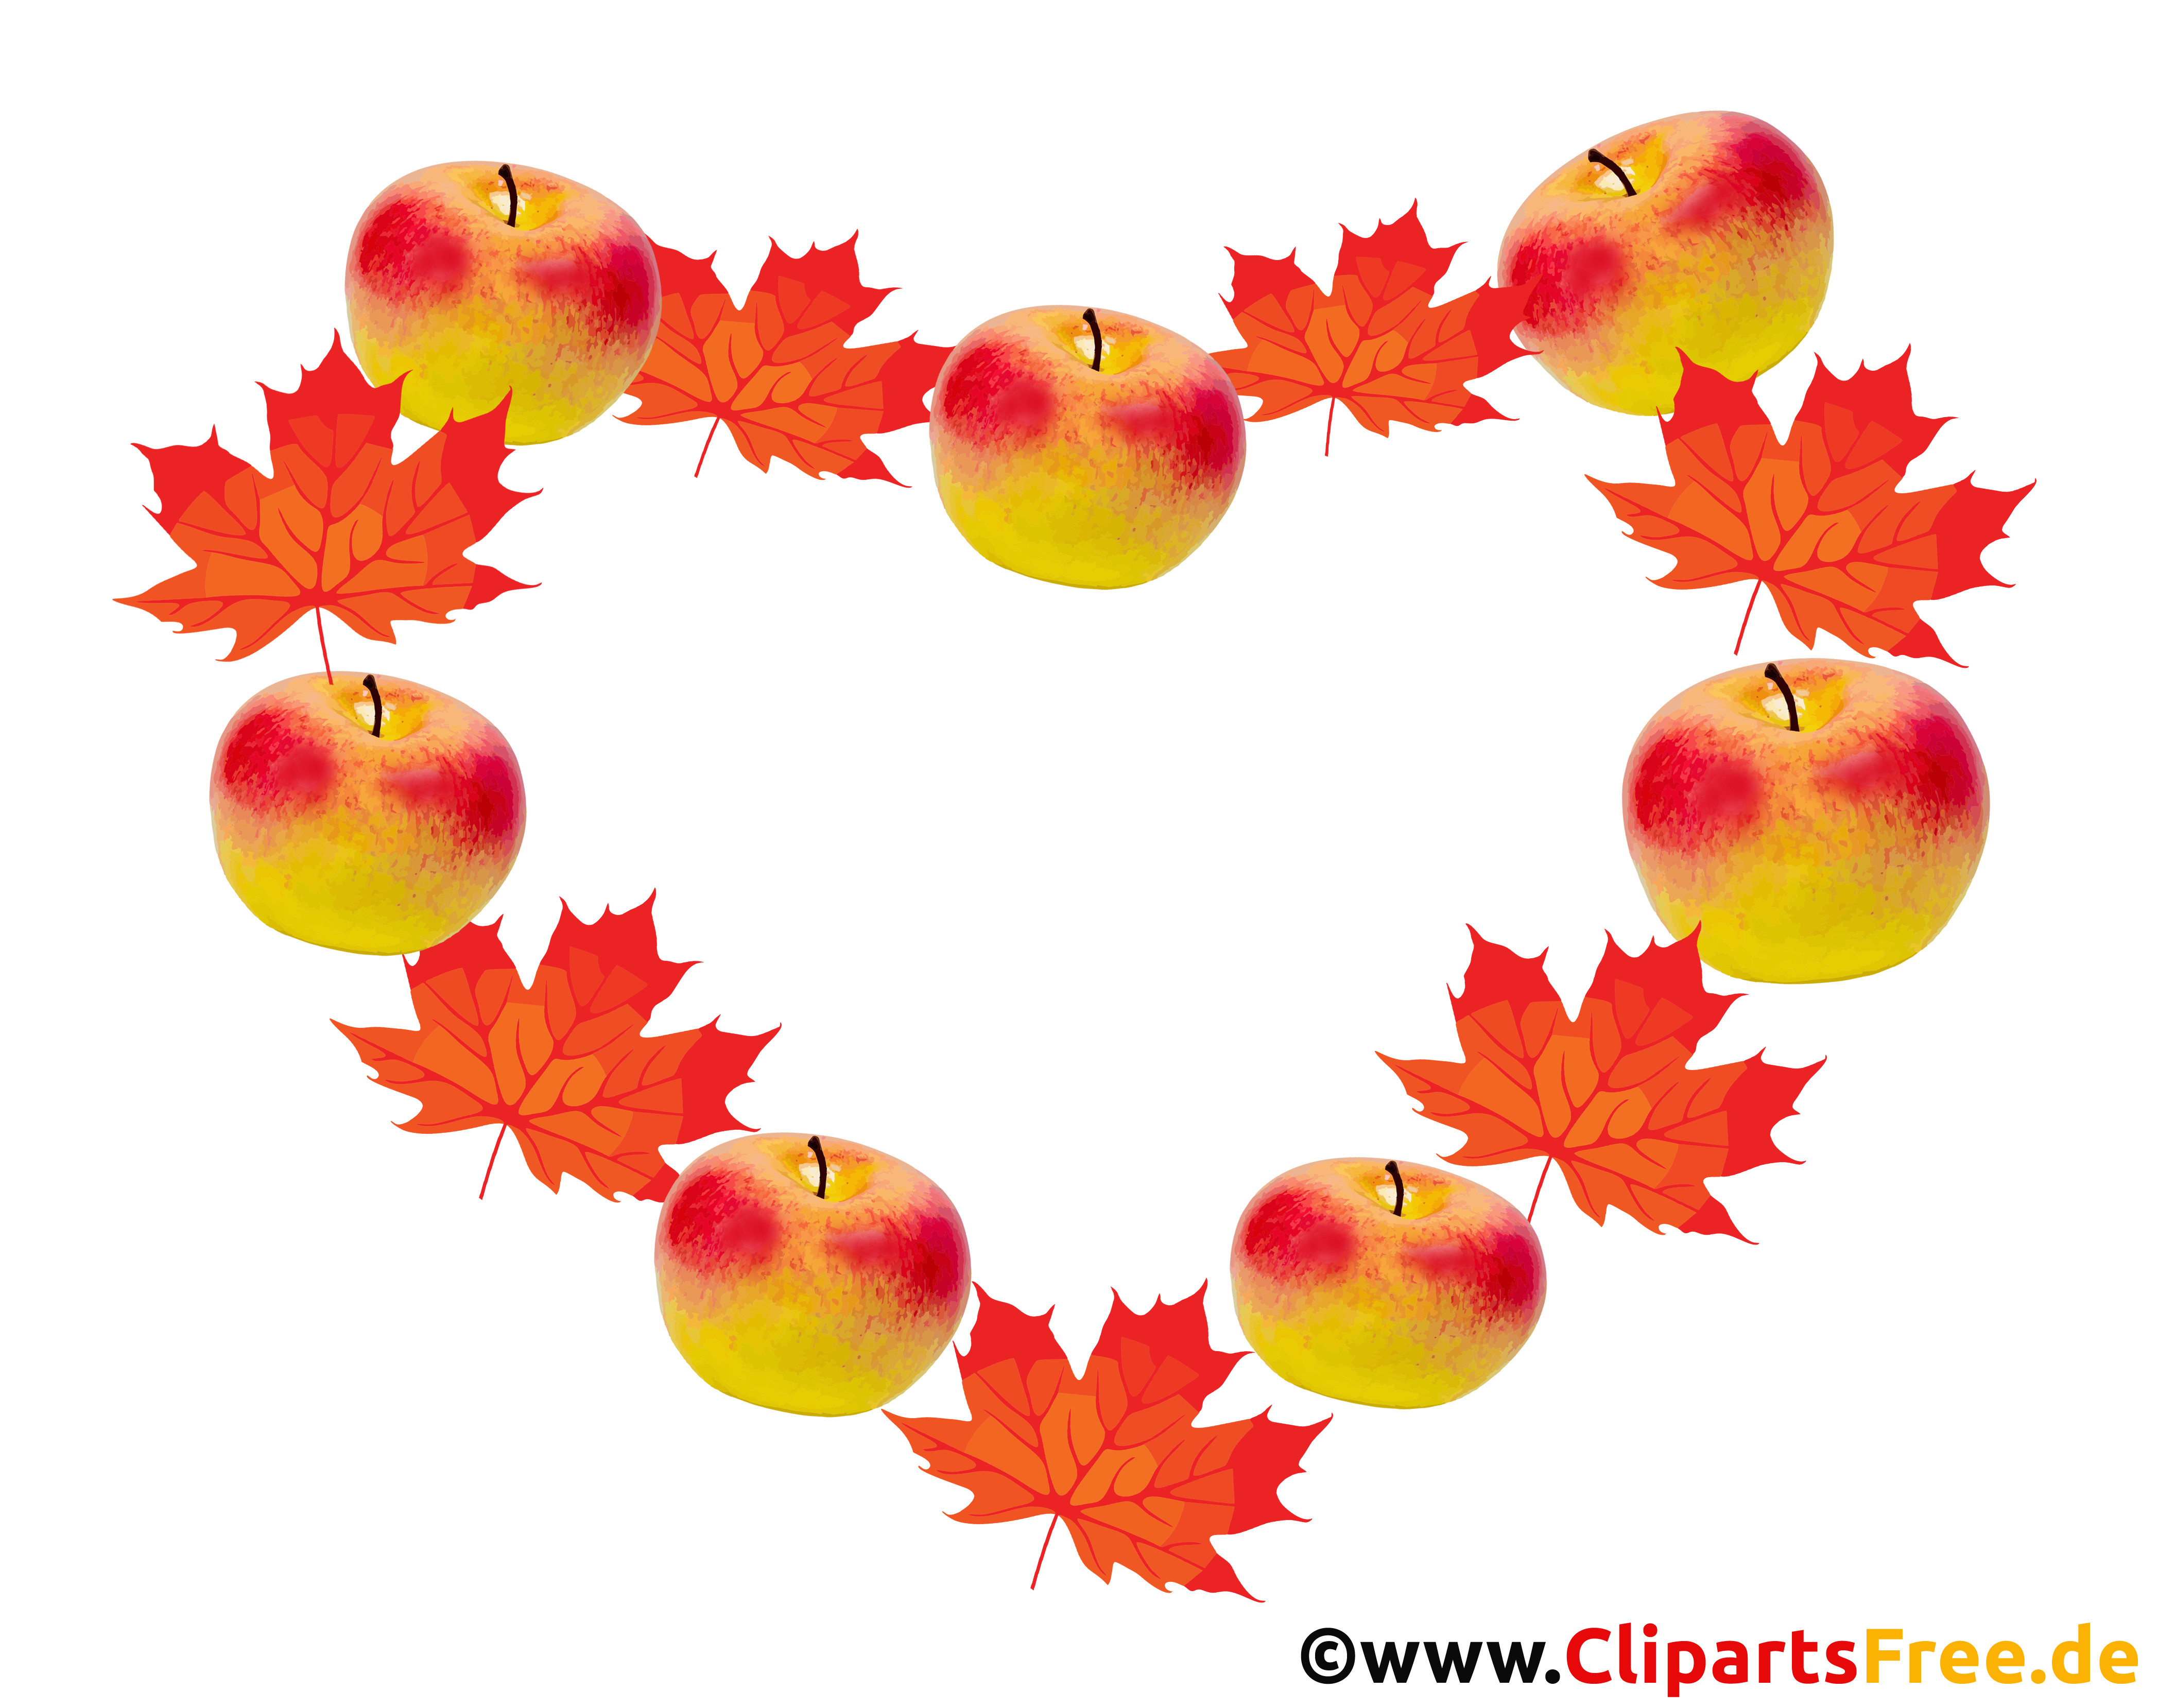 Äpfeln und gelbe Blätter in einem Herbst-Kranz PNG Clipart